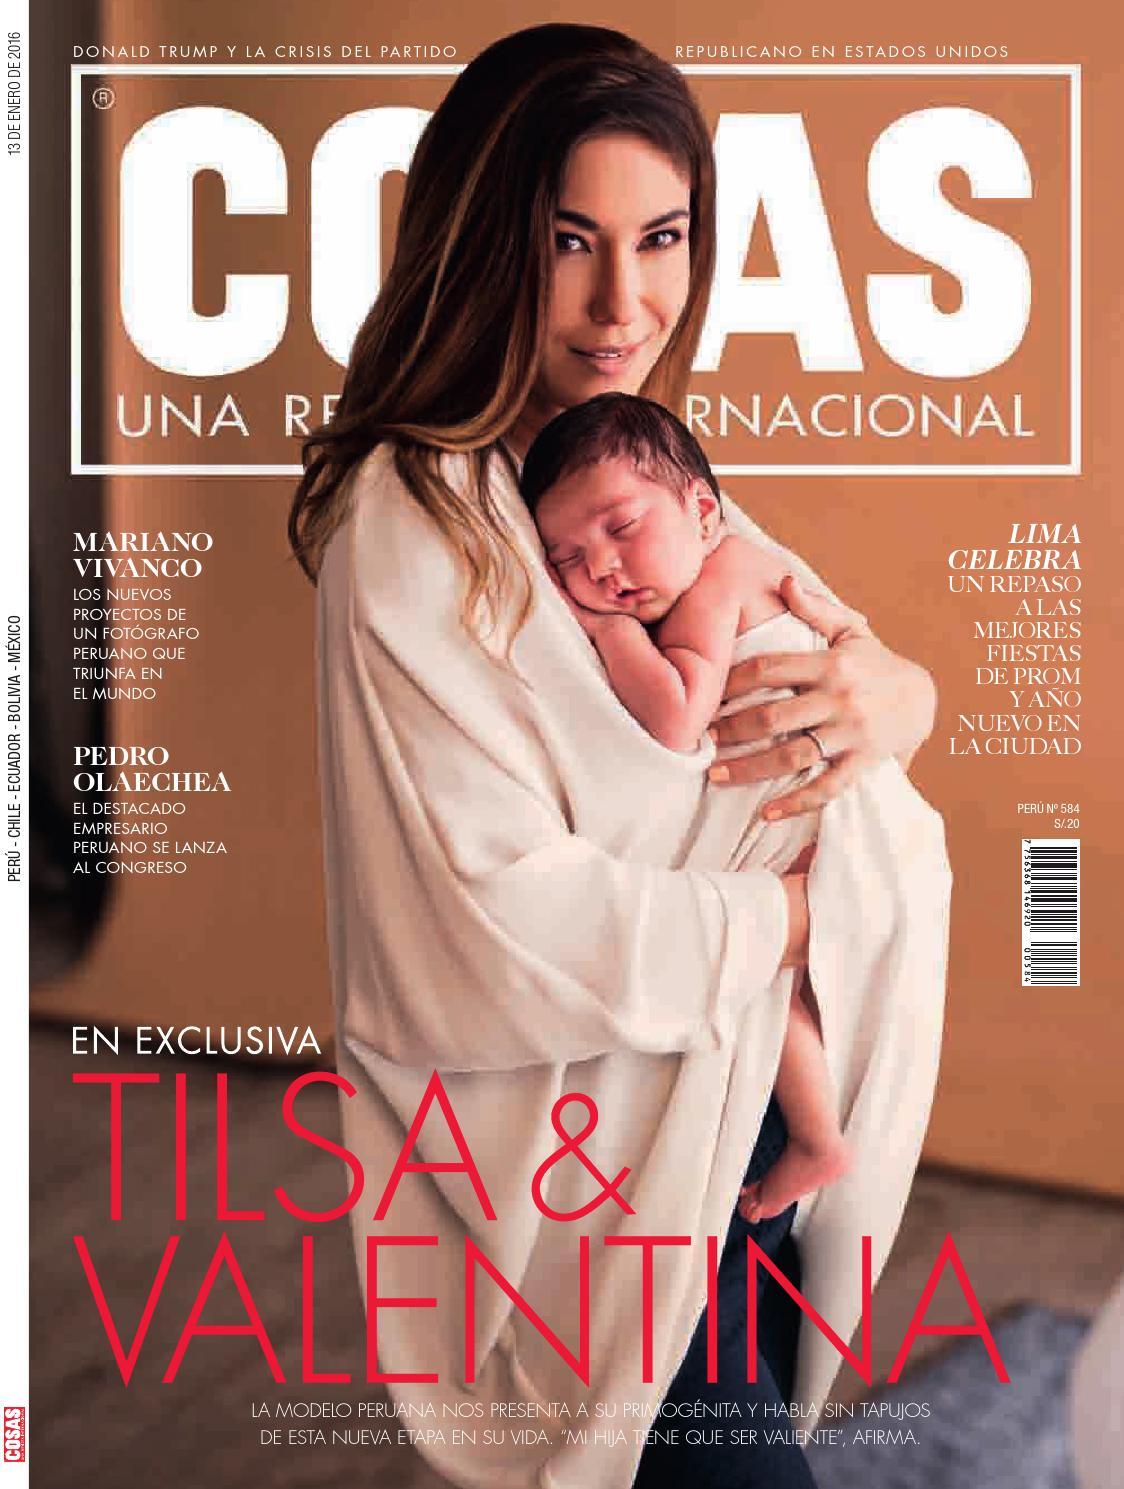 Revista COSAS - Edición 584 by Revista COSAS Perú - issuu Felipe De Osma Berckemeyer